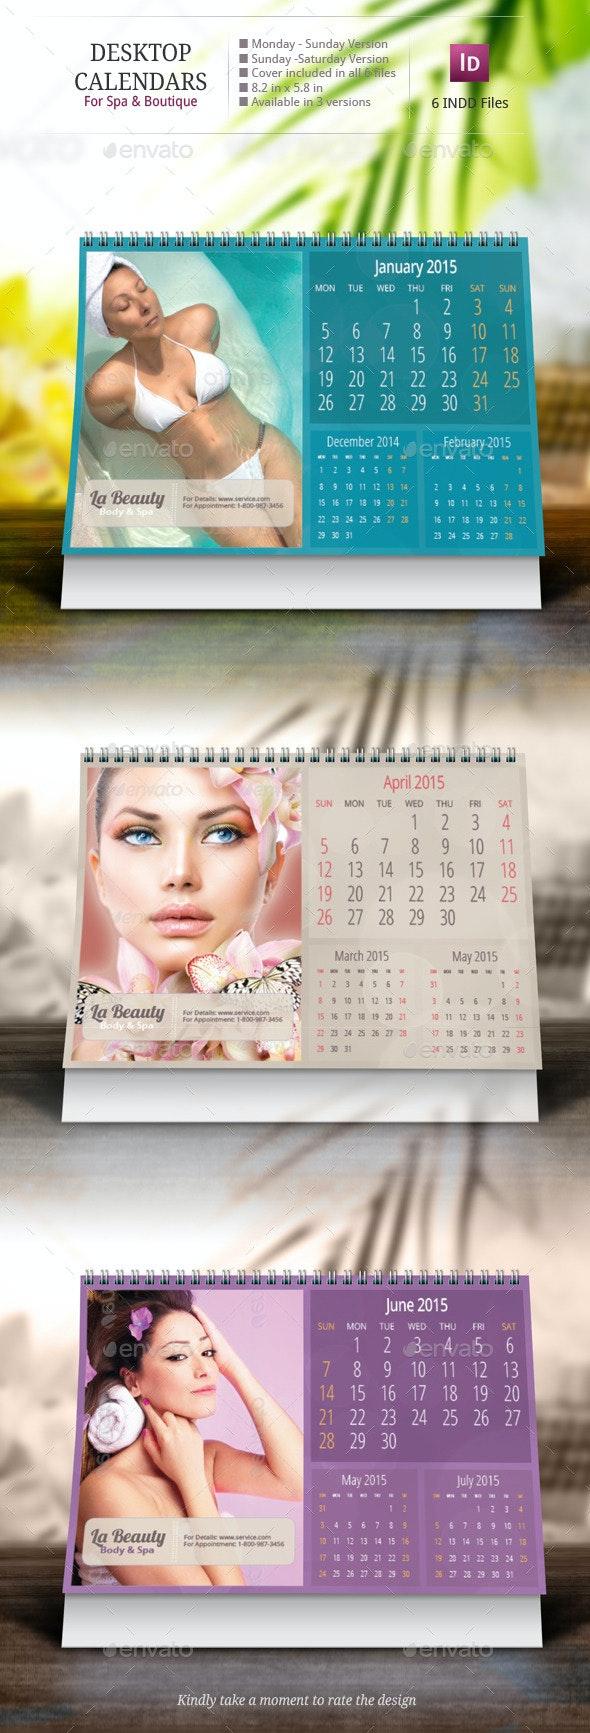 Desk Calendar Design Templates - Calendars Stationery